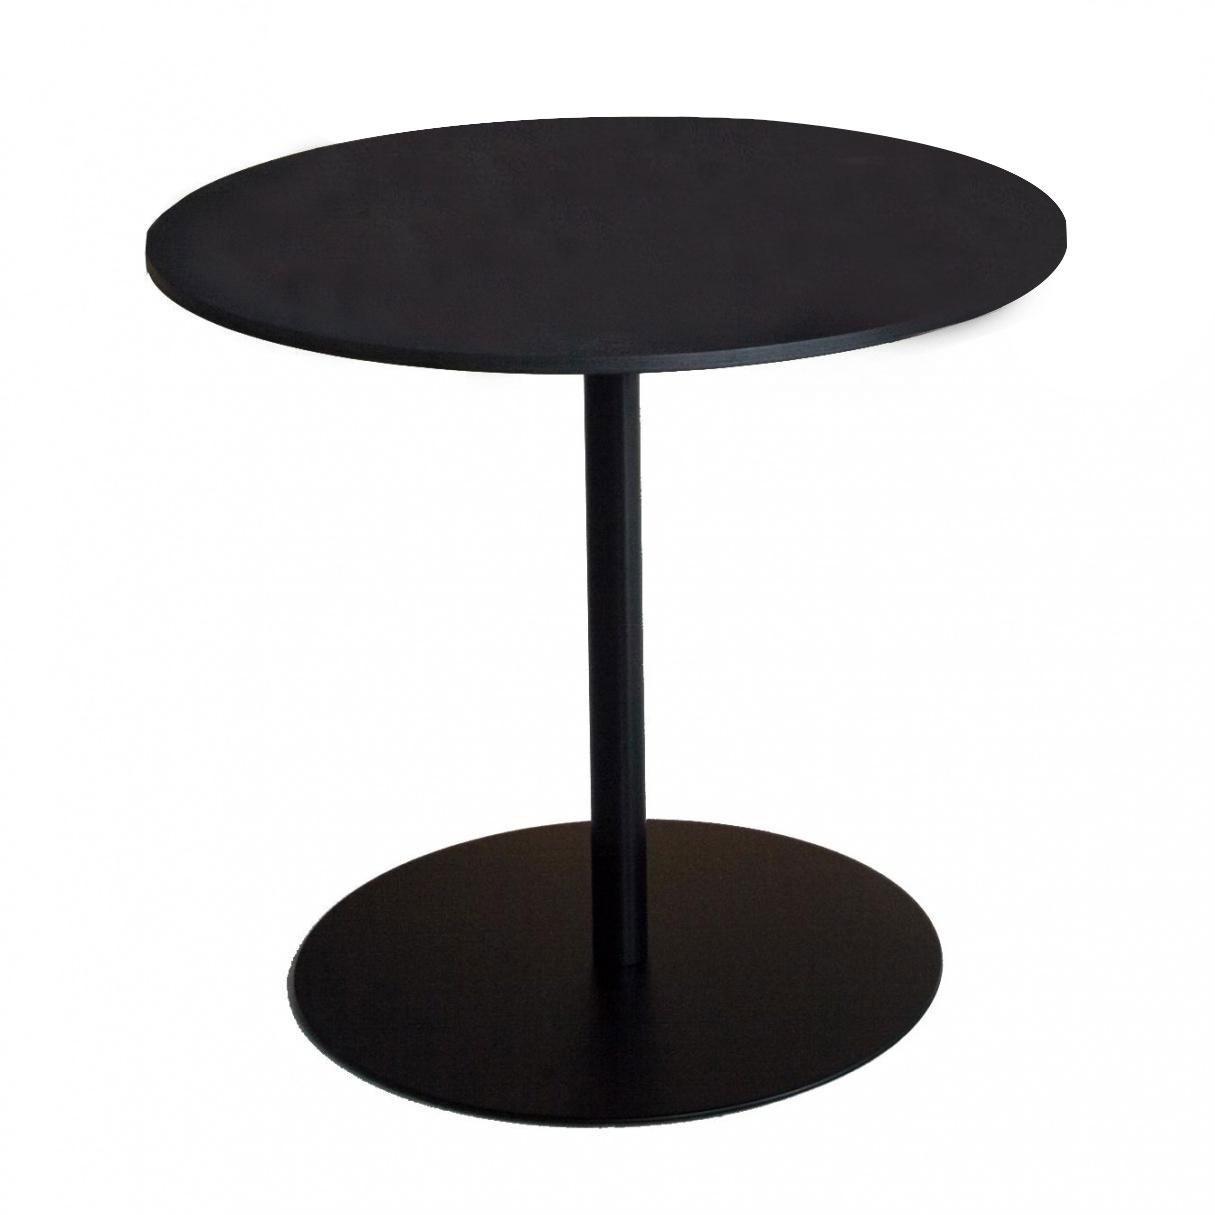 Lapalma - Brio Fix Bistrotisch Gestell schwarz H 72cm - schwarz/H 72cm / Ø 60cm/Tischplatte HPL | Kinderzimmer > Spielzeuge > Holzspielzeuge | Schwarz | Edelstahl| hpl | Lapalma